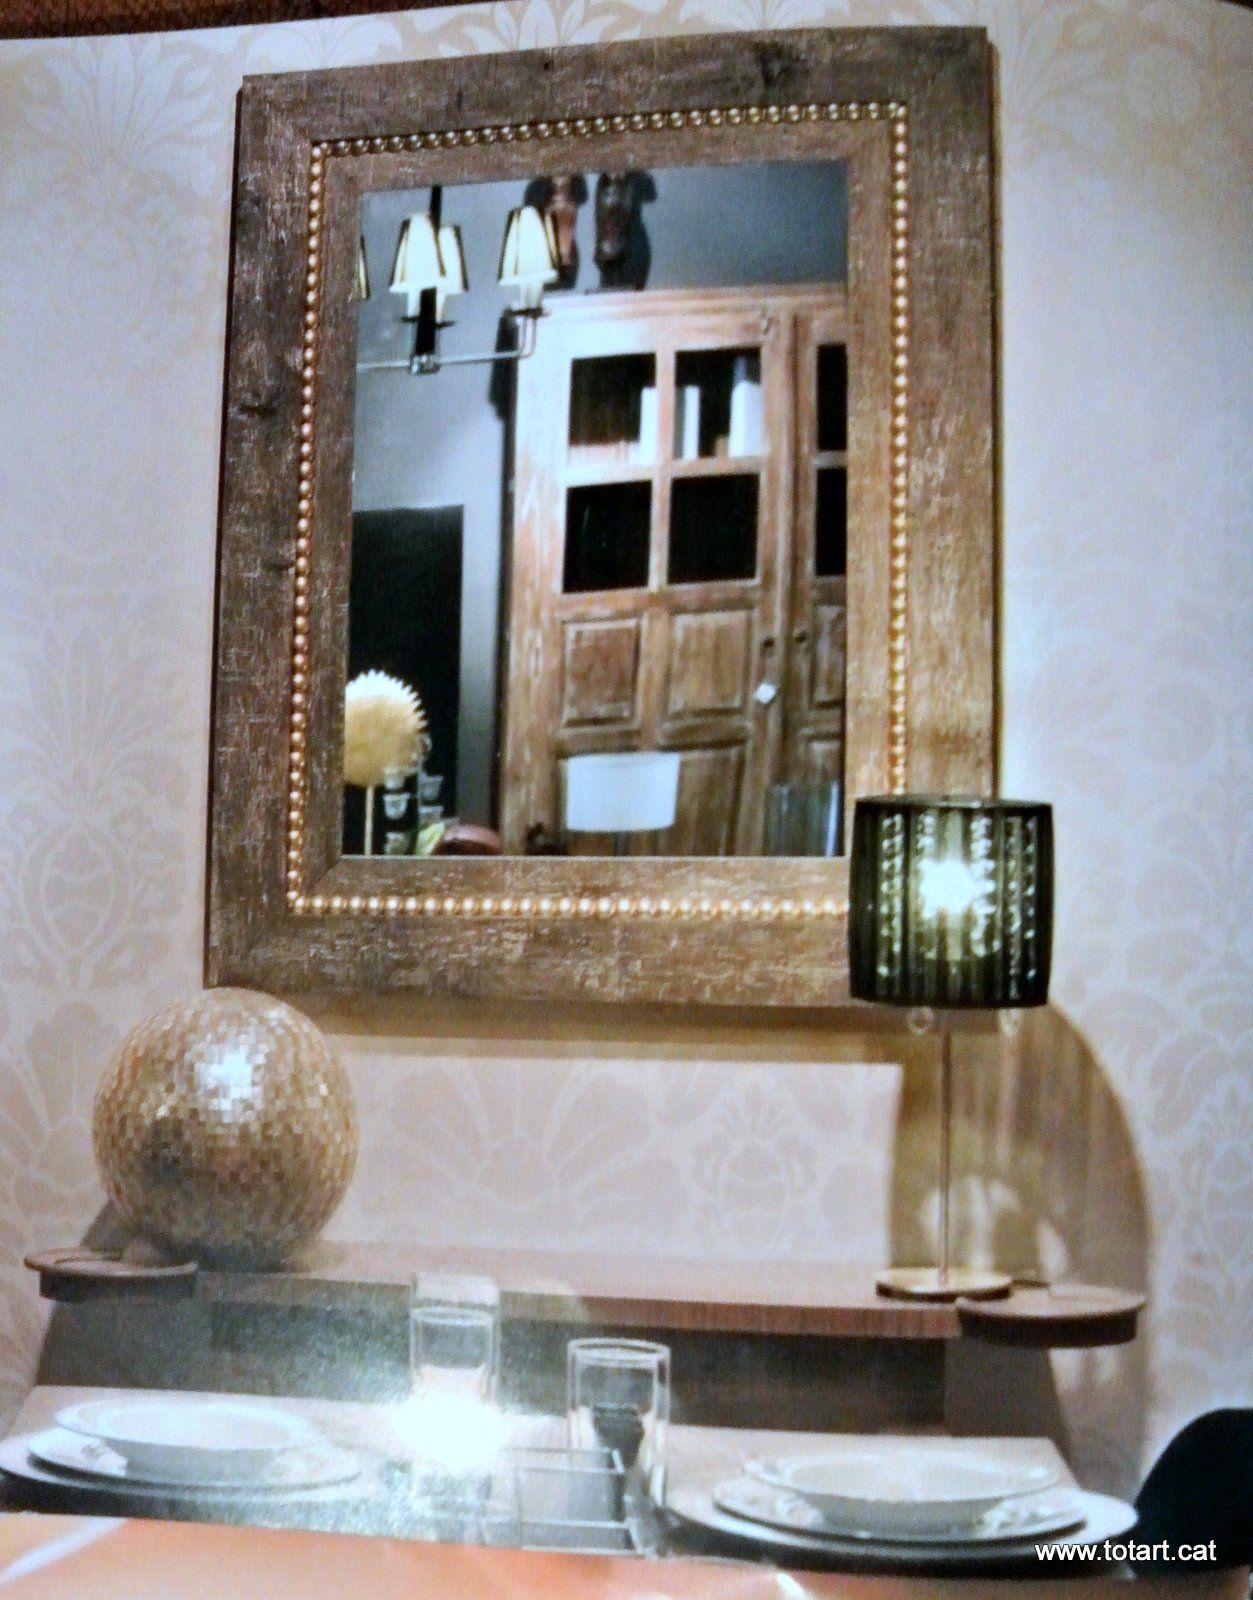 Espejos a medida para decorar tu hogar. Ideas para enmarcar espejos ...